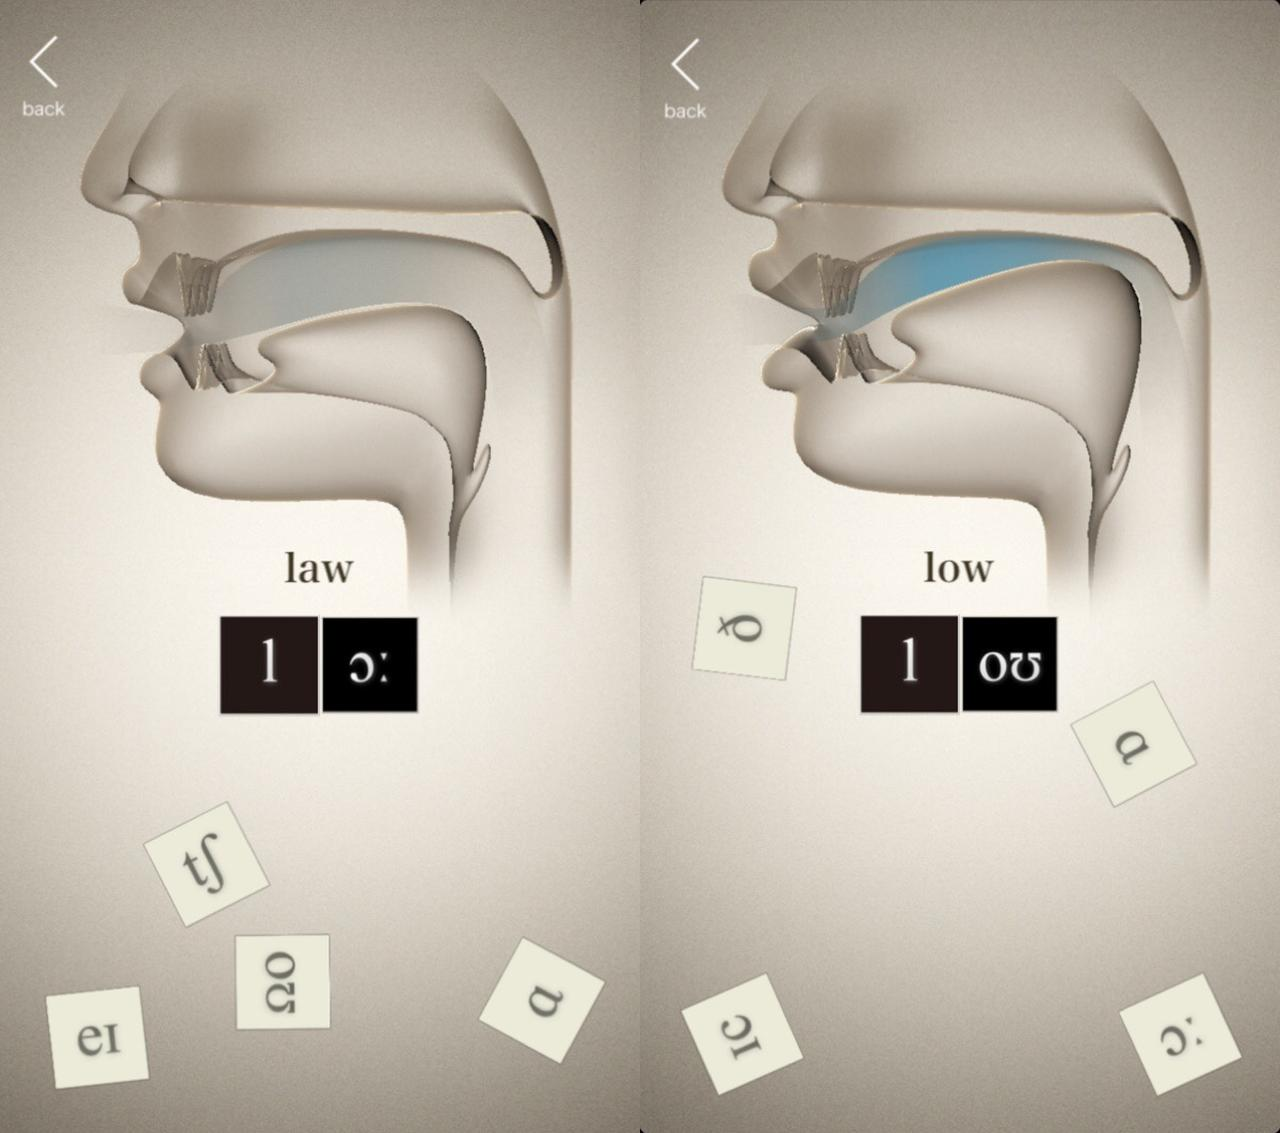 画像5: 似ている発音聞き分けチャレンジ!あなたはどれだけ答えられる?